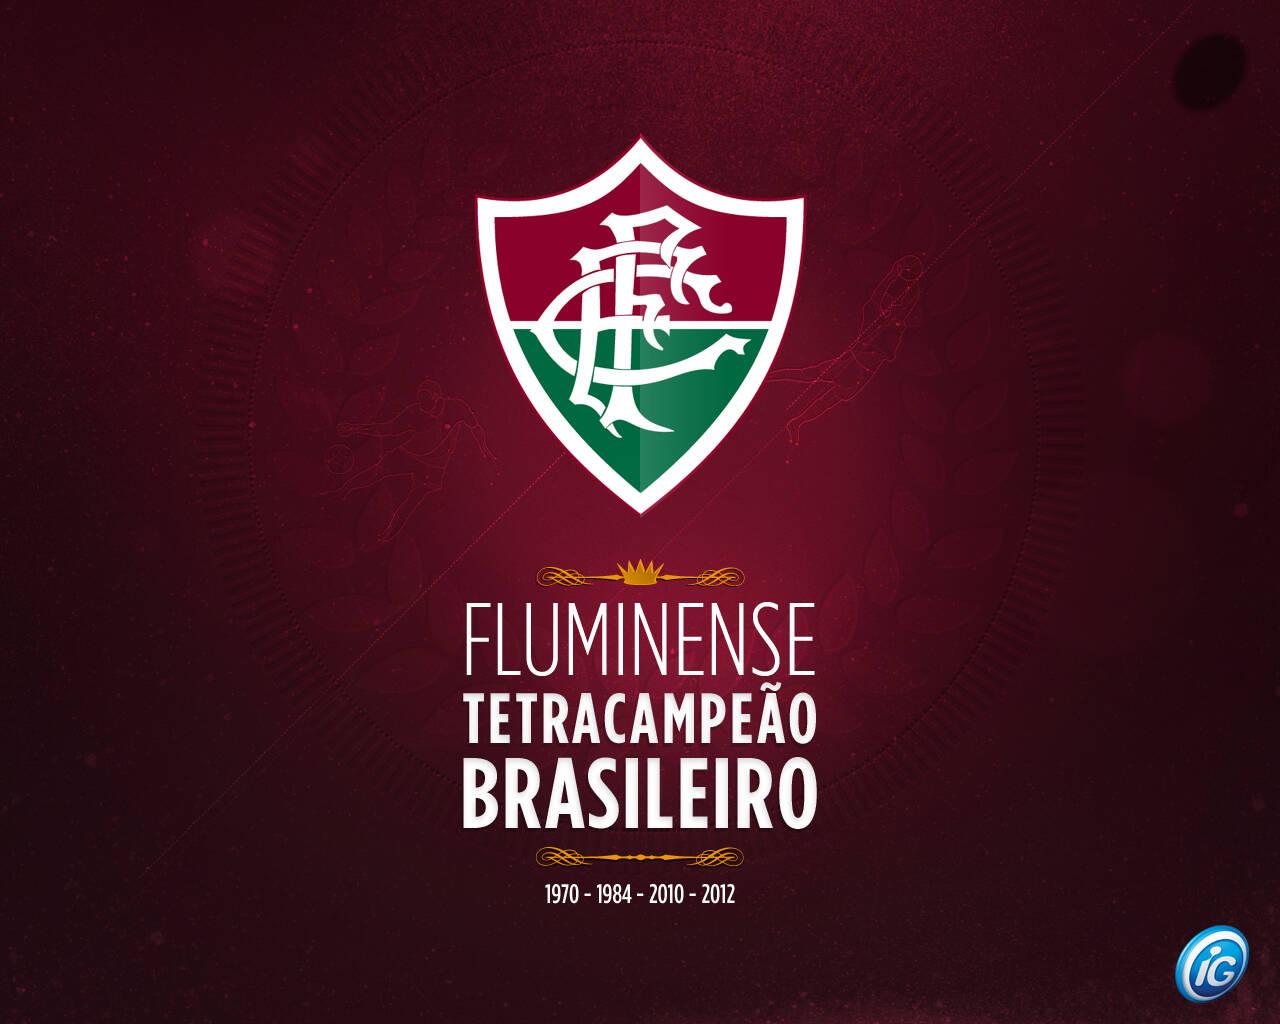 Baixe os pôsteres do Fluminense tetracampeão brasileiro - Futebol - iG e36f80940a451